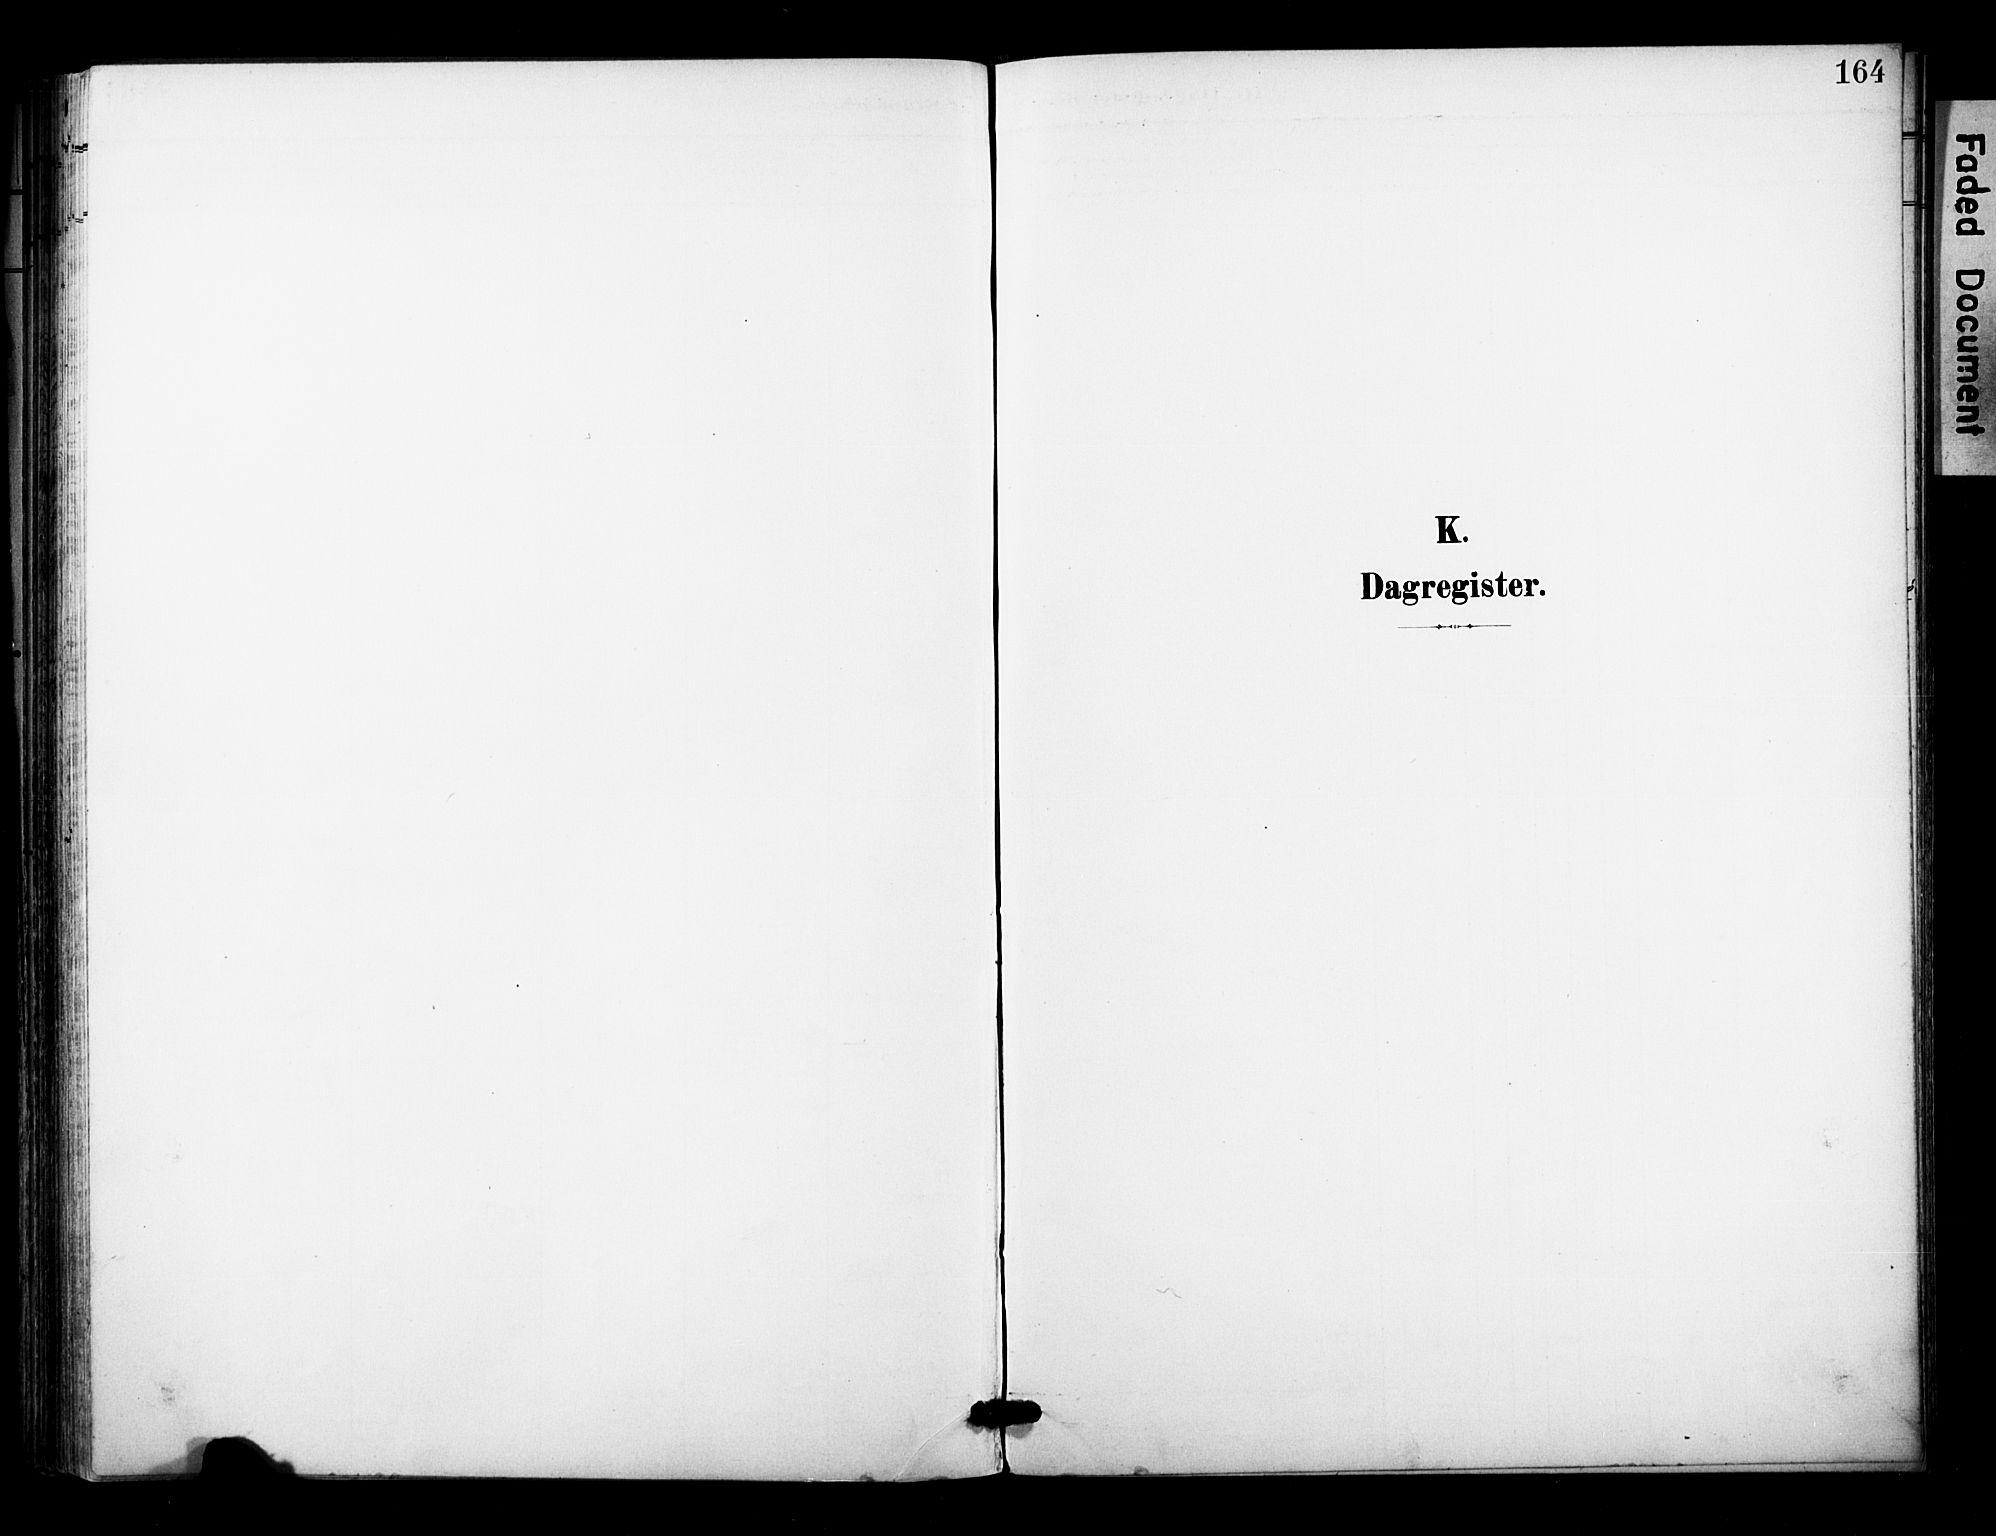 SAKO, Bø kirkebøker, F/Fa/L0012: Ministerialbok nr. 12, 1900-1908, s. 164